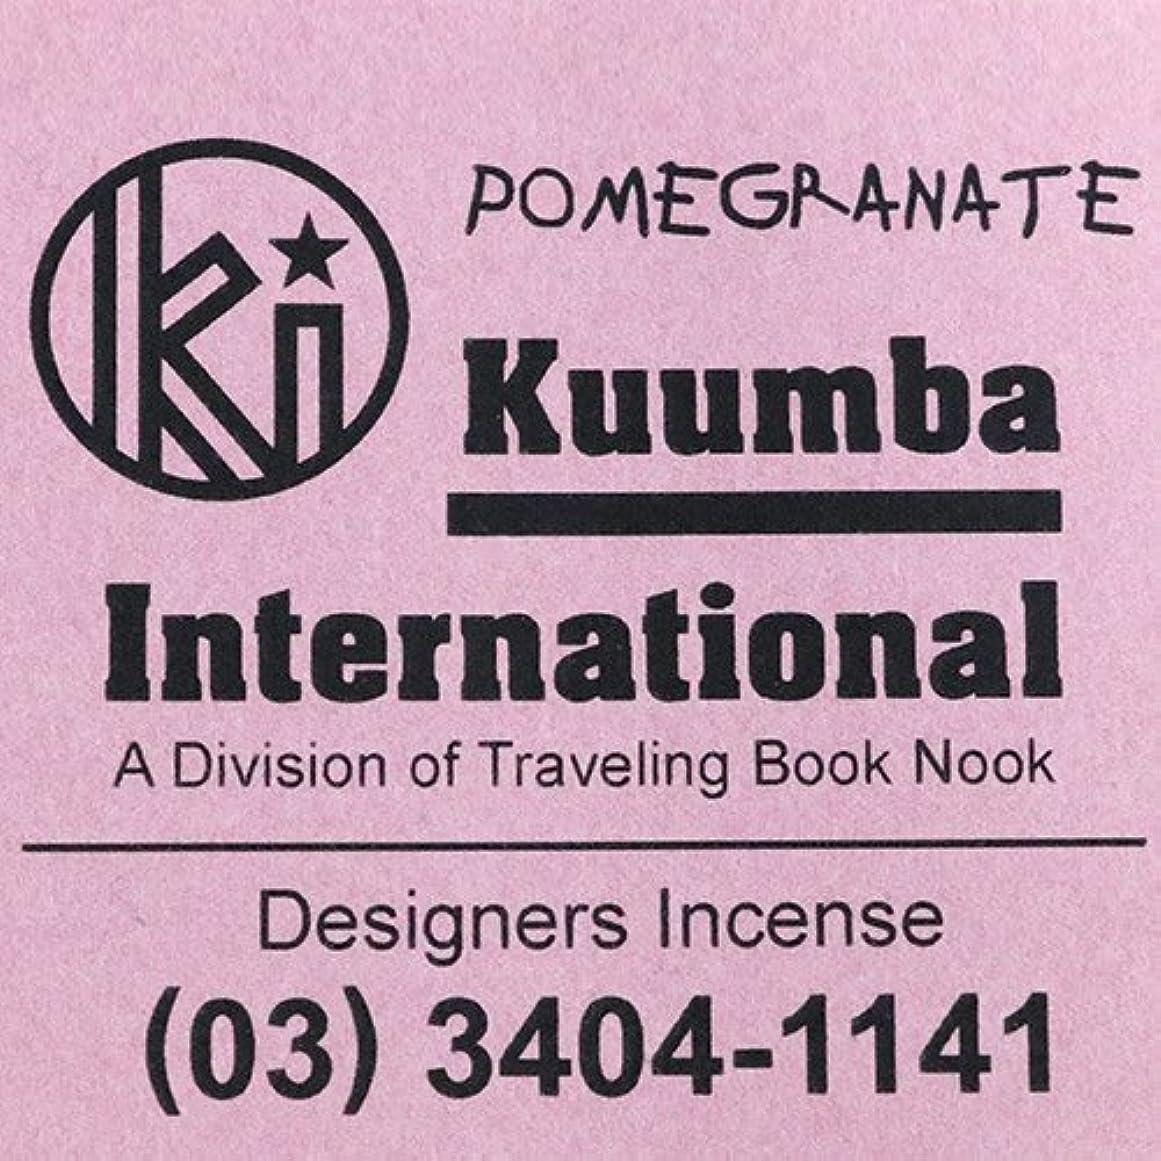 規則性演じるきしむ(クンバ) KUUMBA『incense』(POMEGRANATE) (Regular size)